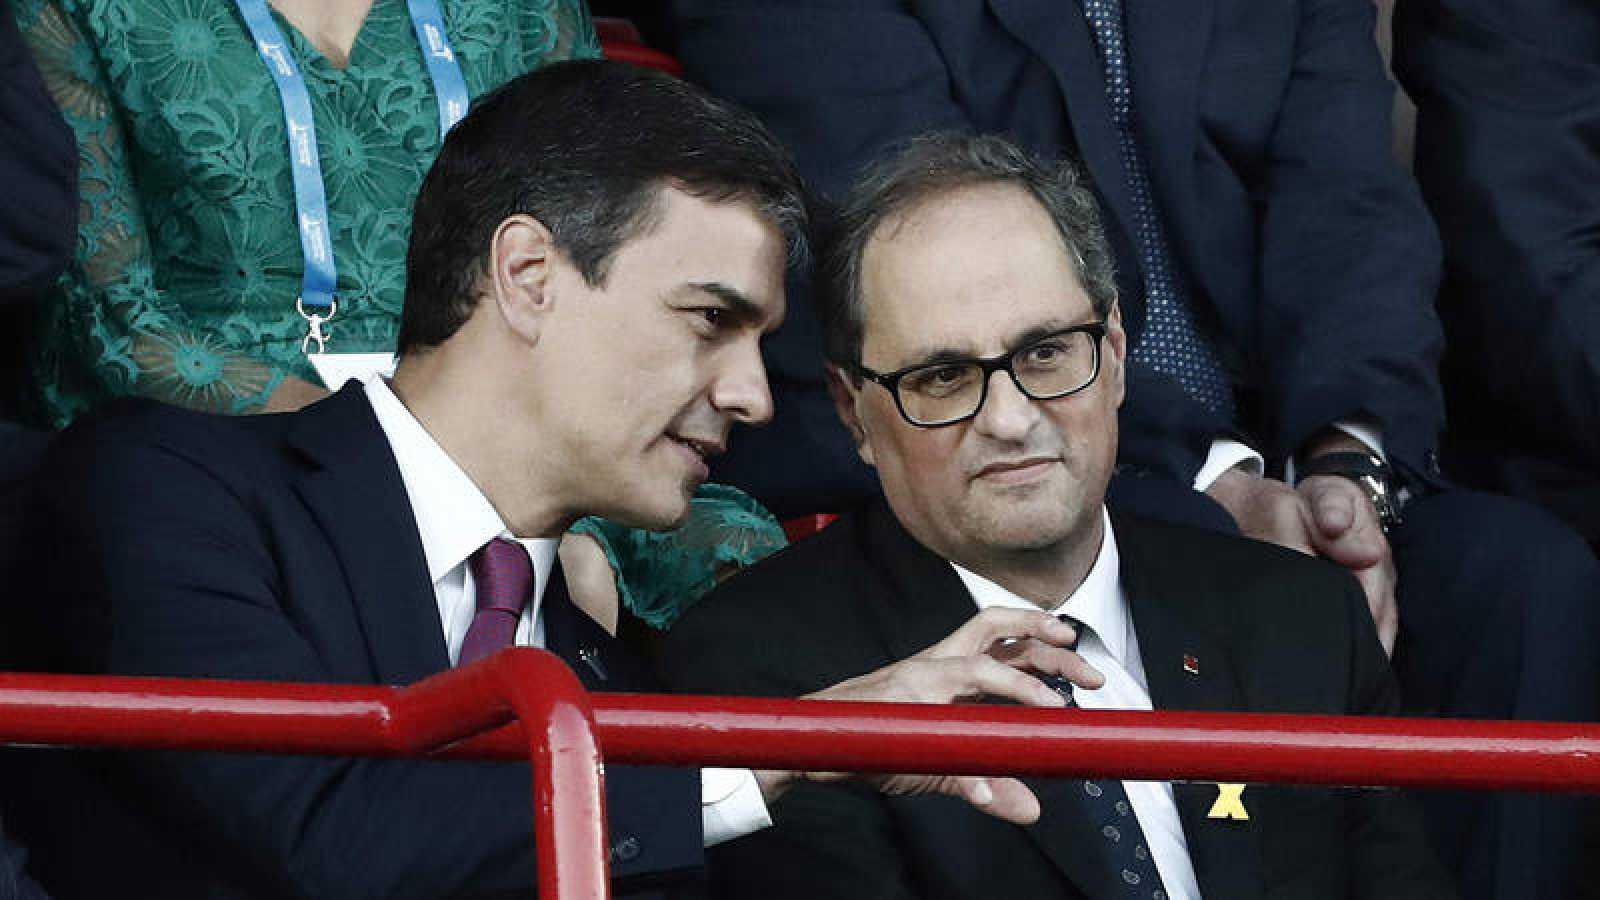 Pedro Sánchez y Quim Torra durante la inauguración de los XVIII Juegos Mediterráneos en Tarragona